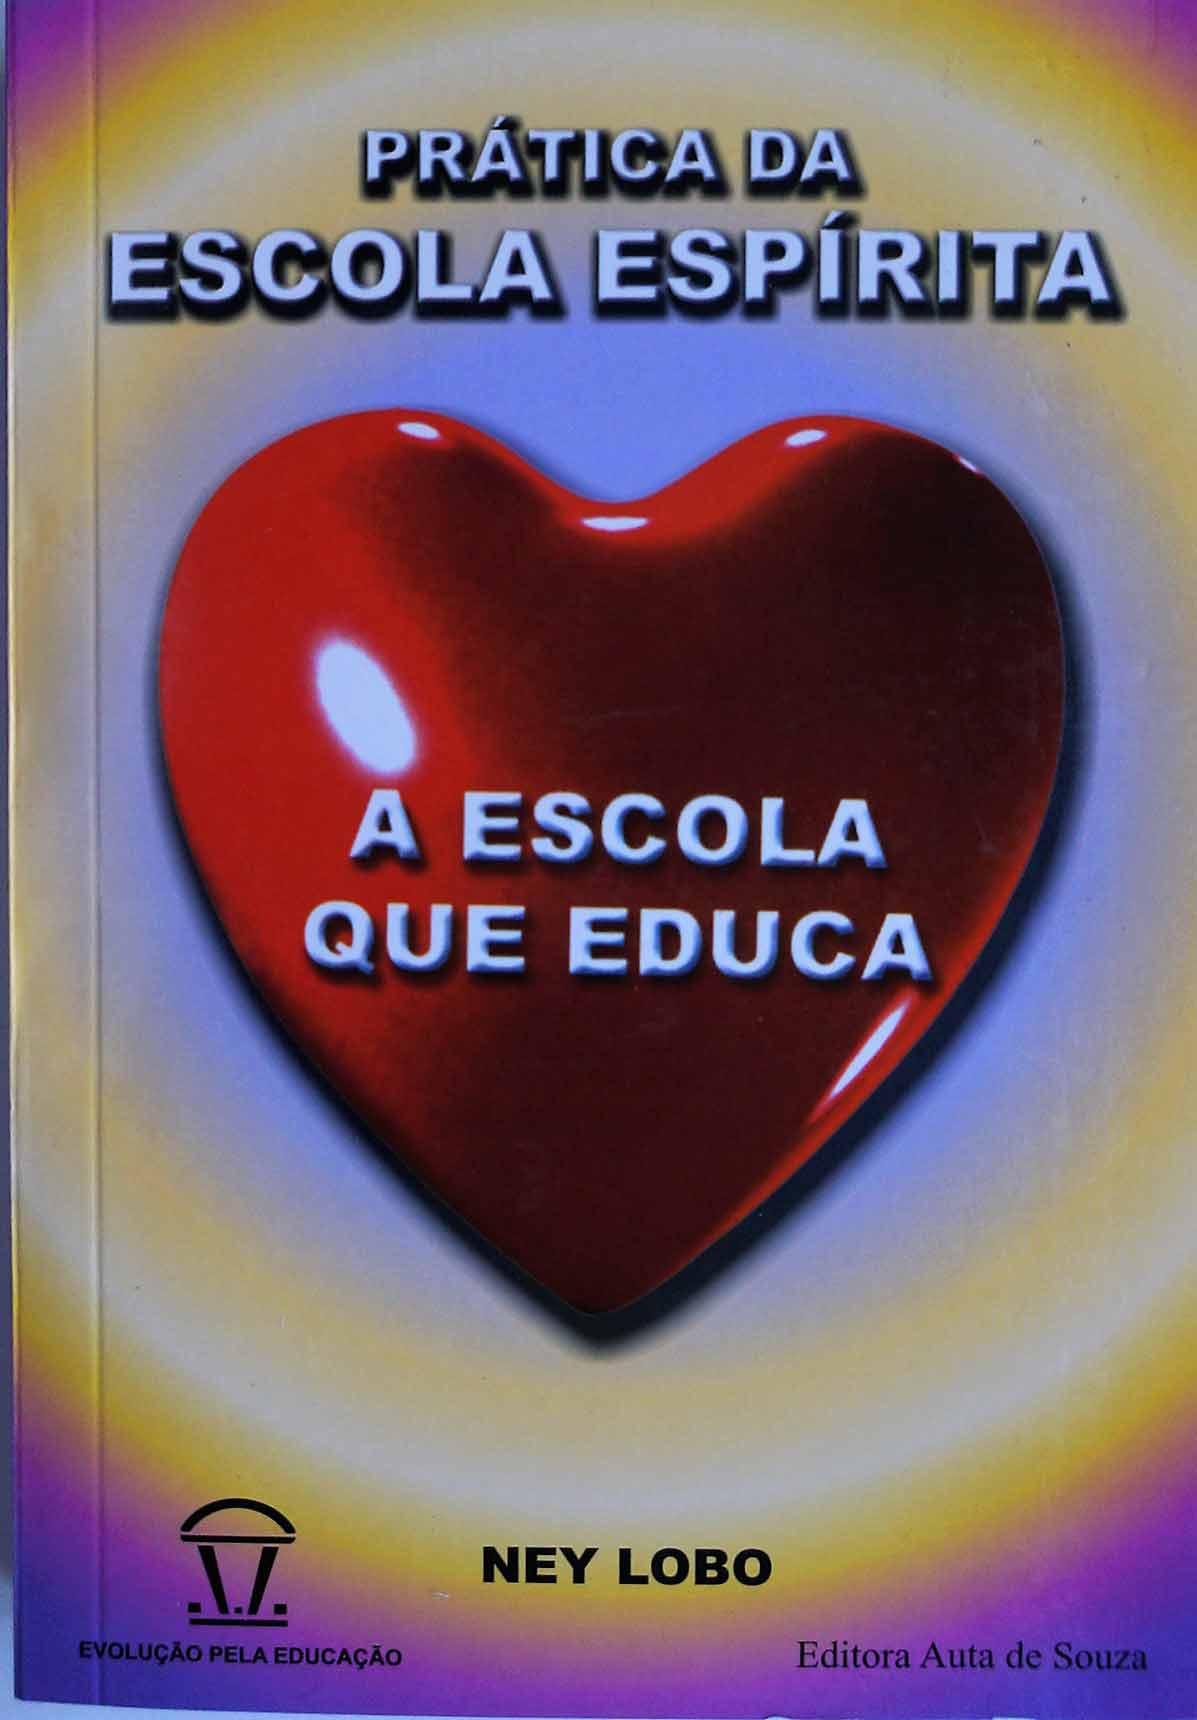 PRÁTICA DA ESCOLA ESPÍRITA - A ESCOLA QUE EDUCA